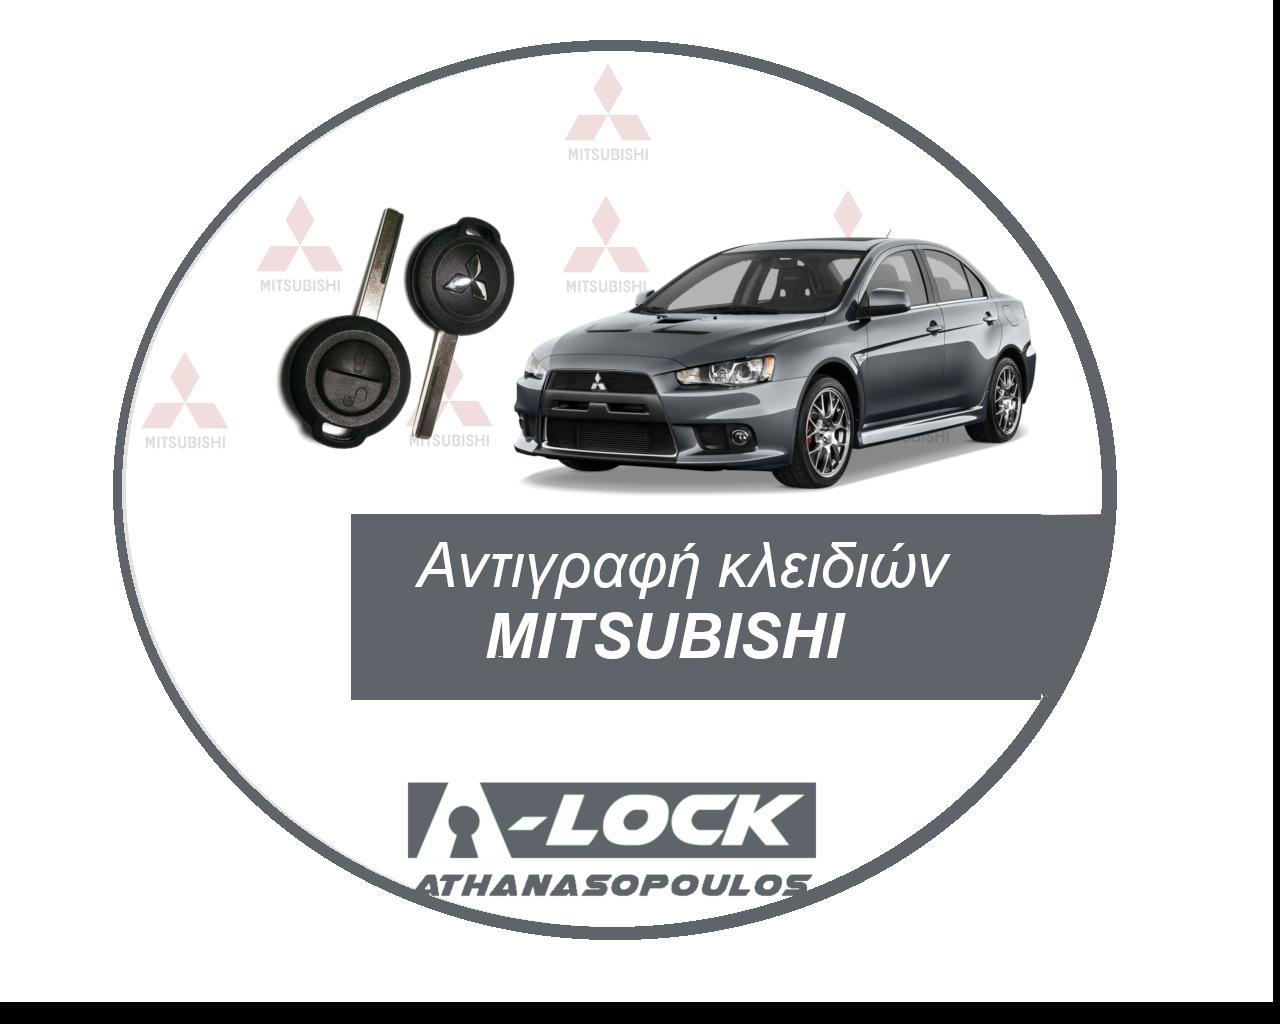 Αντιγραφές Κλειδιών Immobilizer Αυτοκινήτου MITSUBISHI - 24 Ωρες Κλειδαράς Γαλάτσι A-Lock Αθανασόπουλος